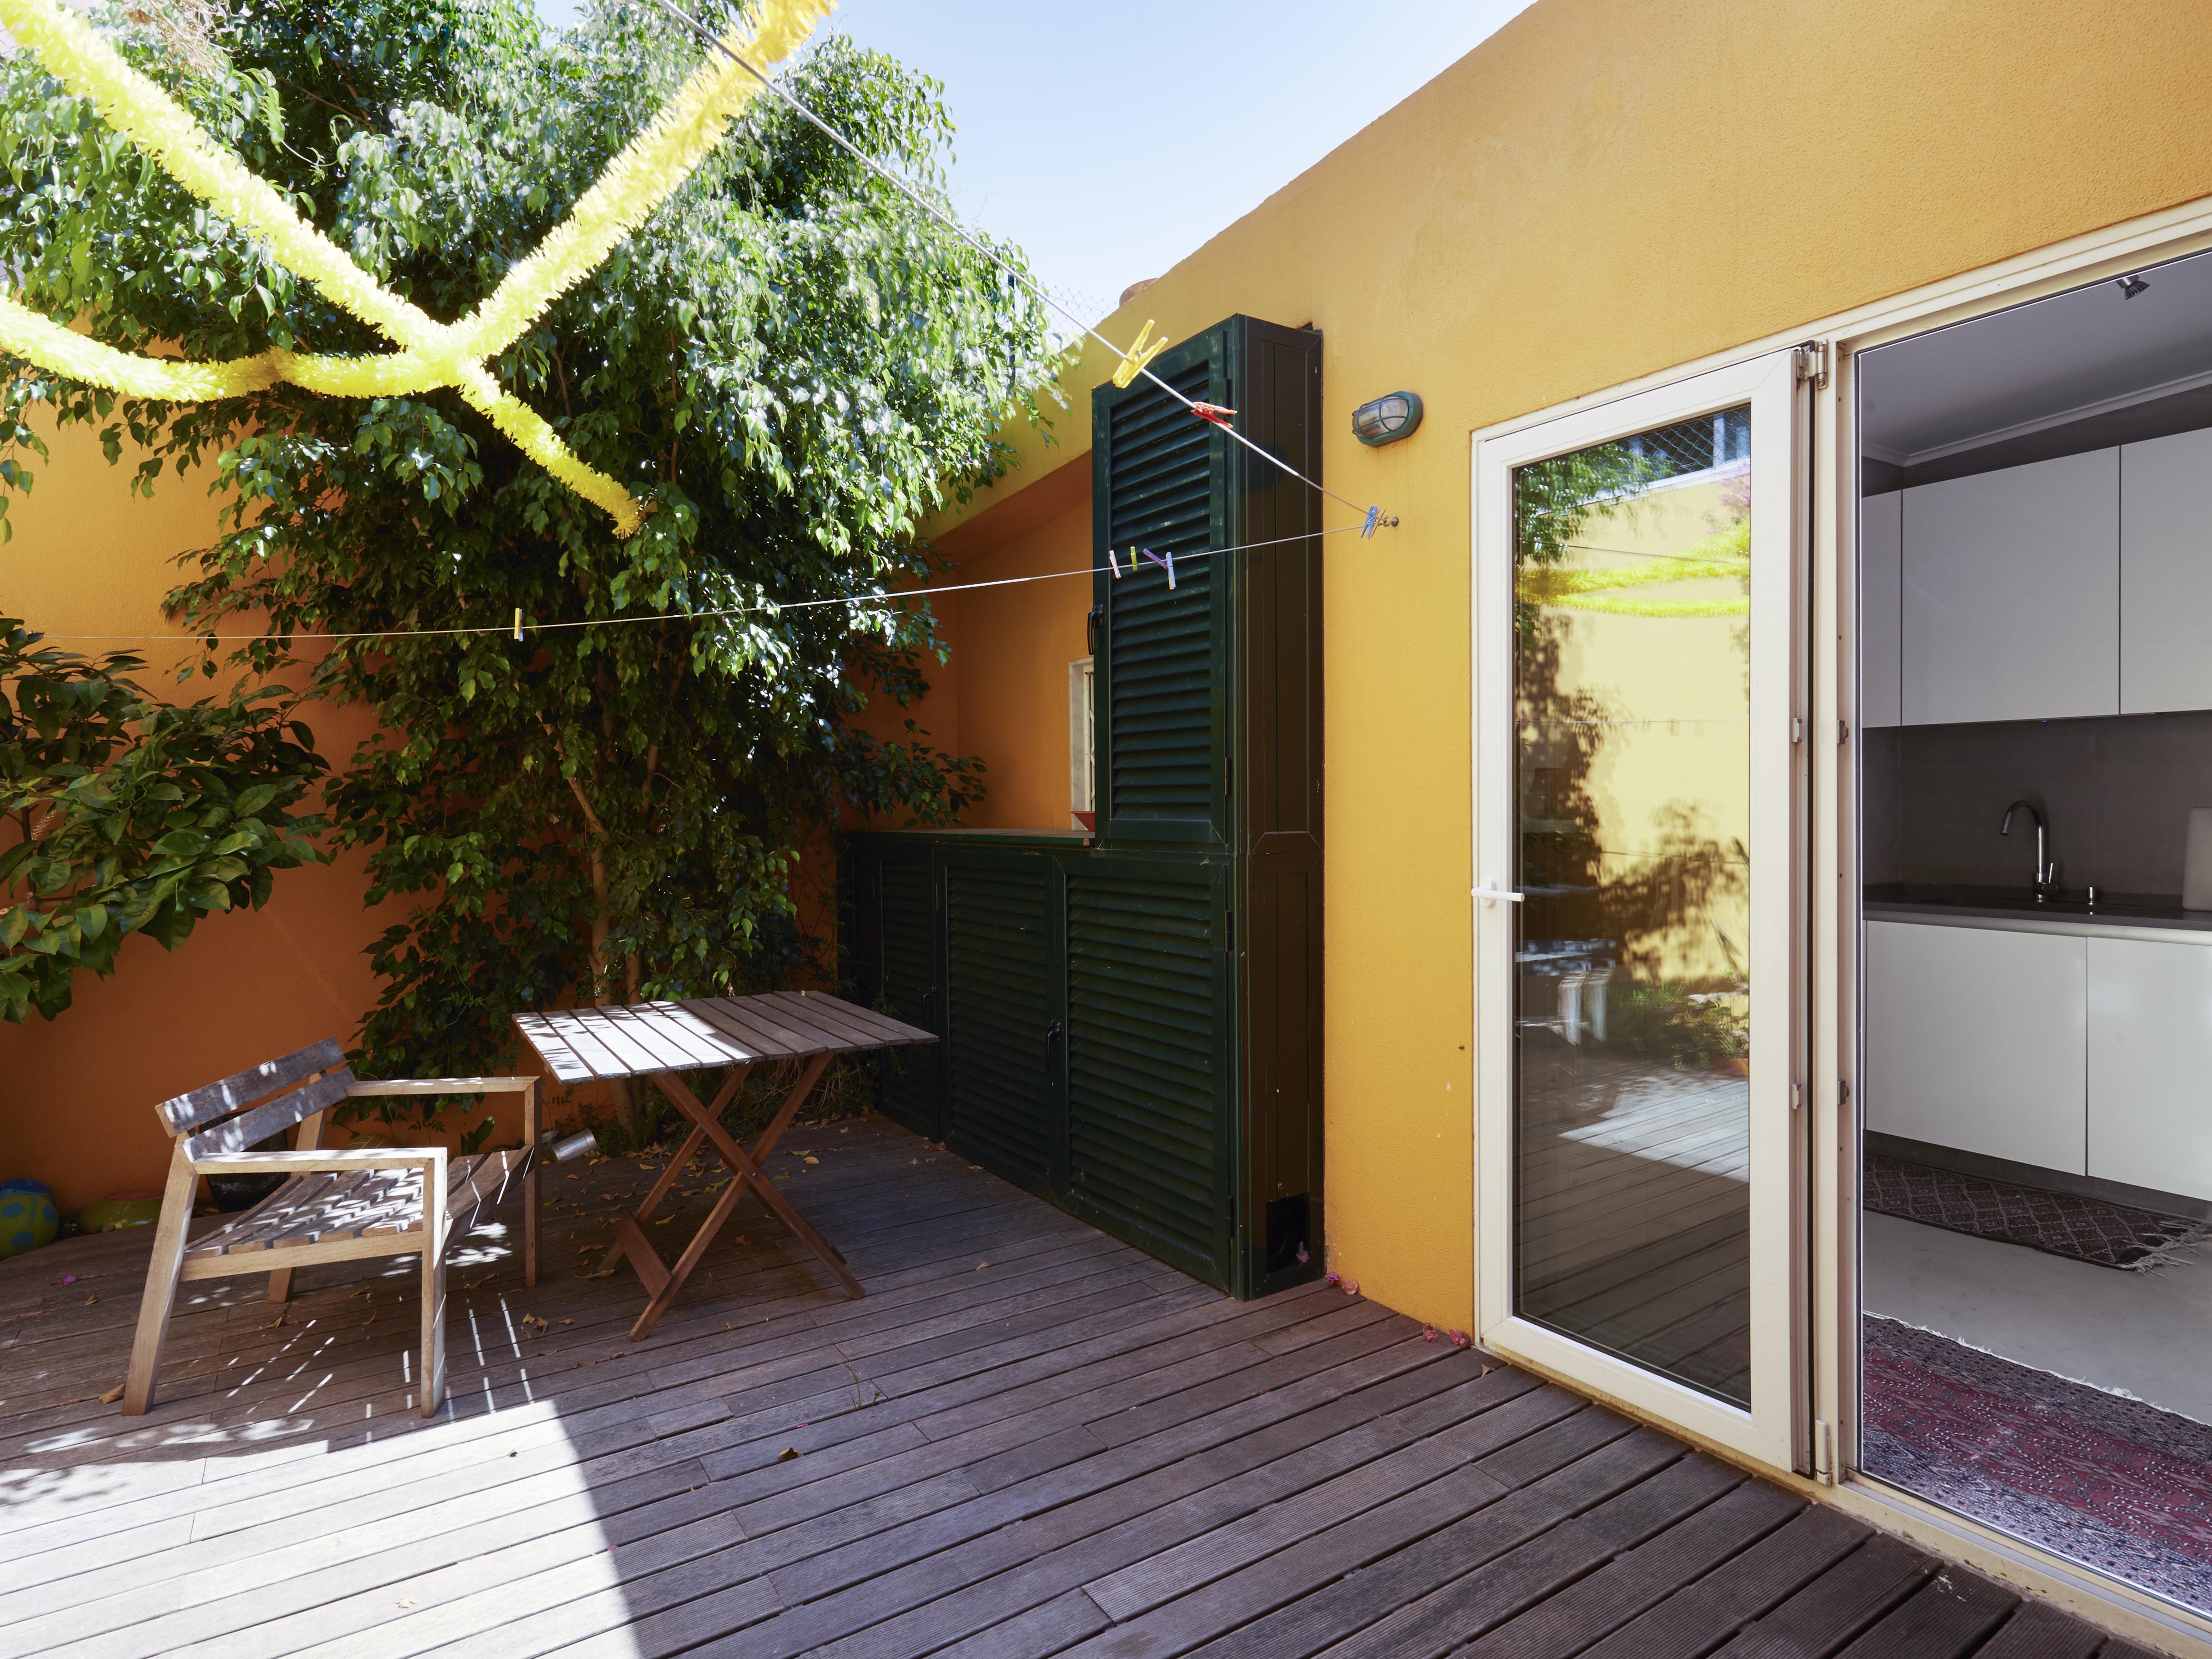 Maison unifamiliale pour l Vente à House, 3 bedrooms, for Sale Lisboa, Lisbonne, Portugal